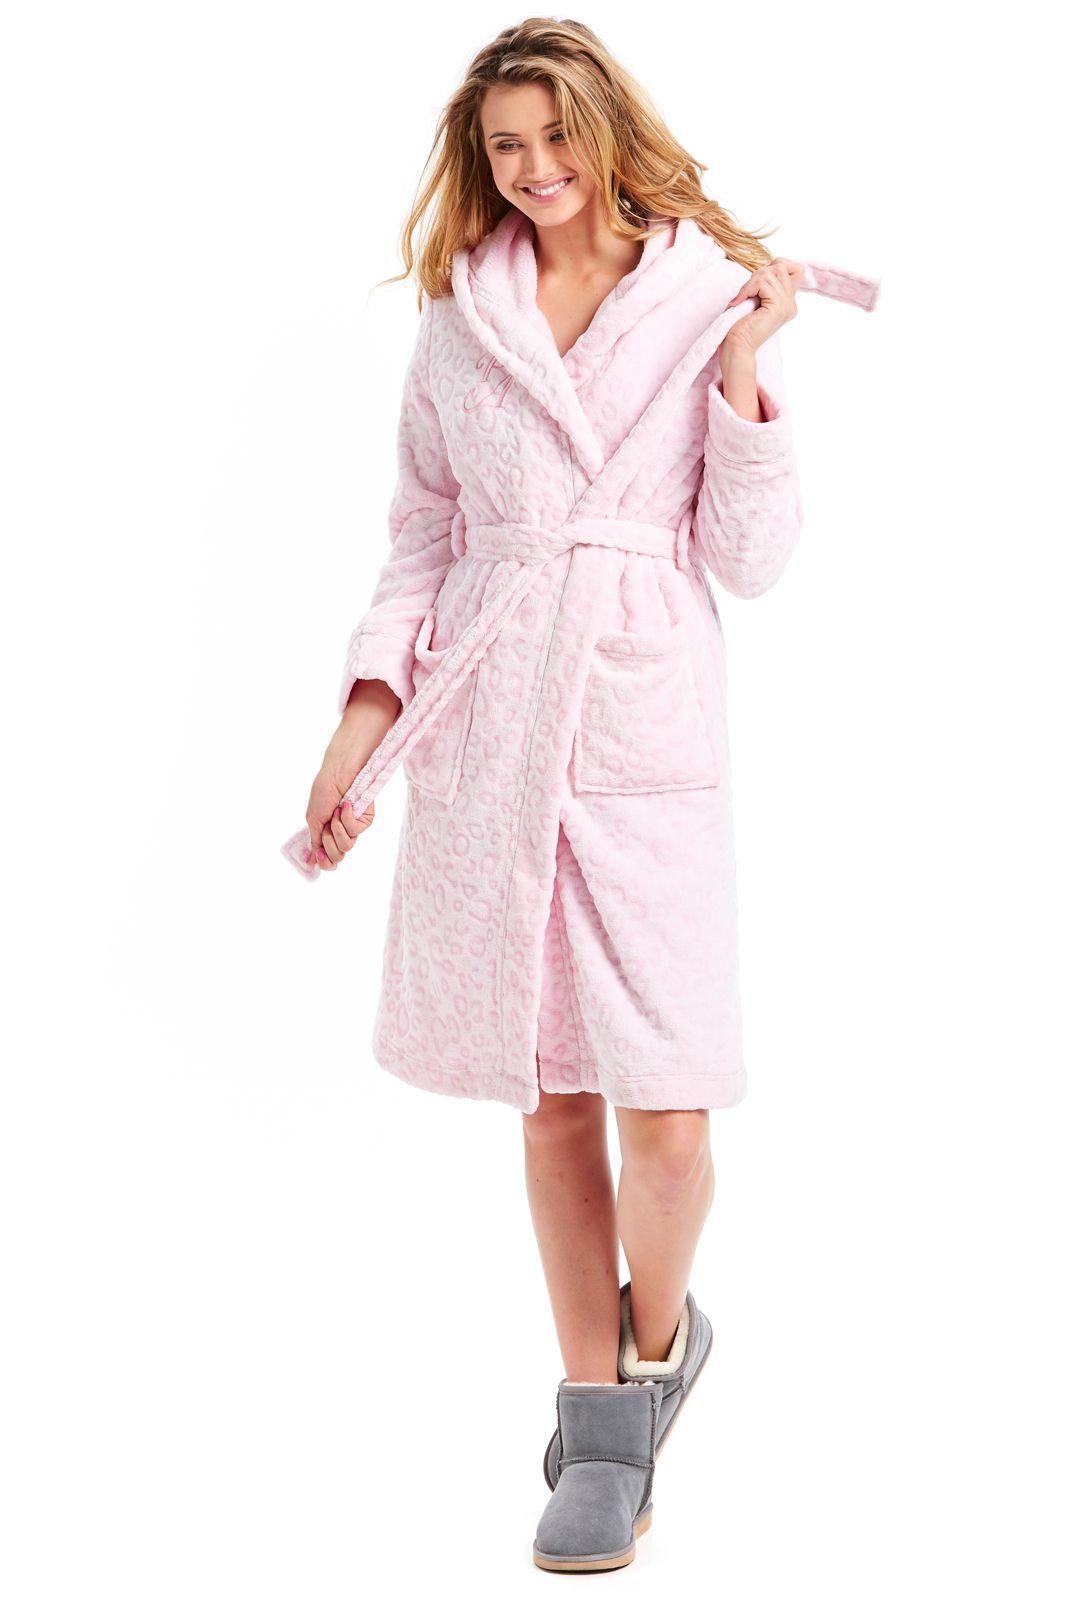 043349d4fd2 Leopard Hooded Gown | Peter Alexander Pyjamas Online, Kids Pajamas,  Nightwear, Lounge Wear